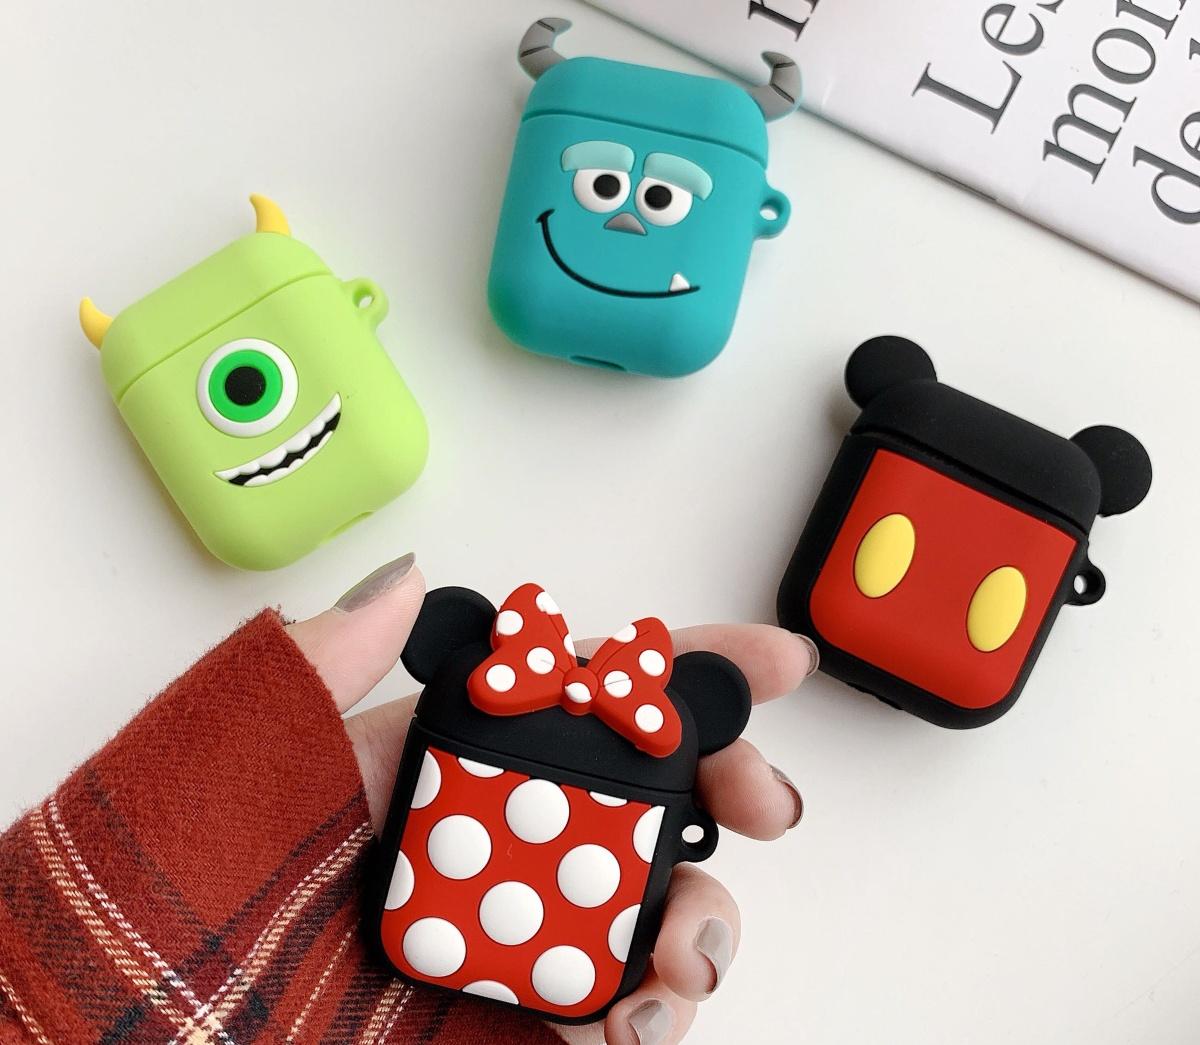 4 casing AirPod berbentuk seperti karakter Disney